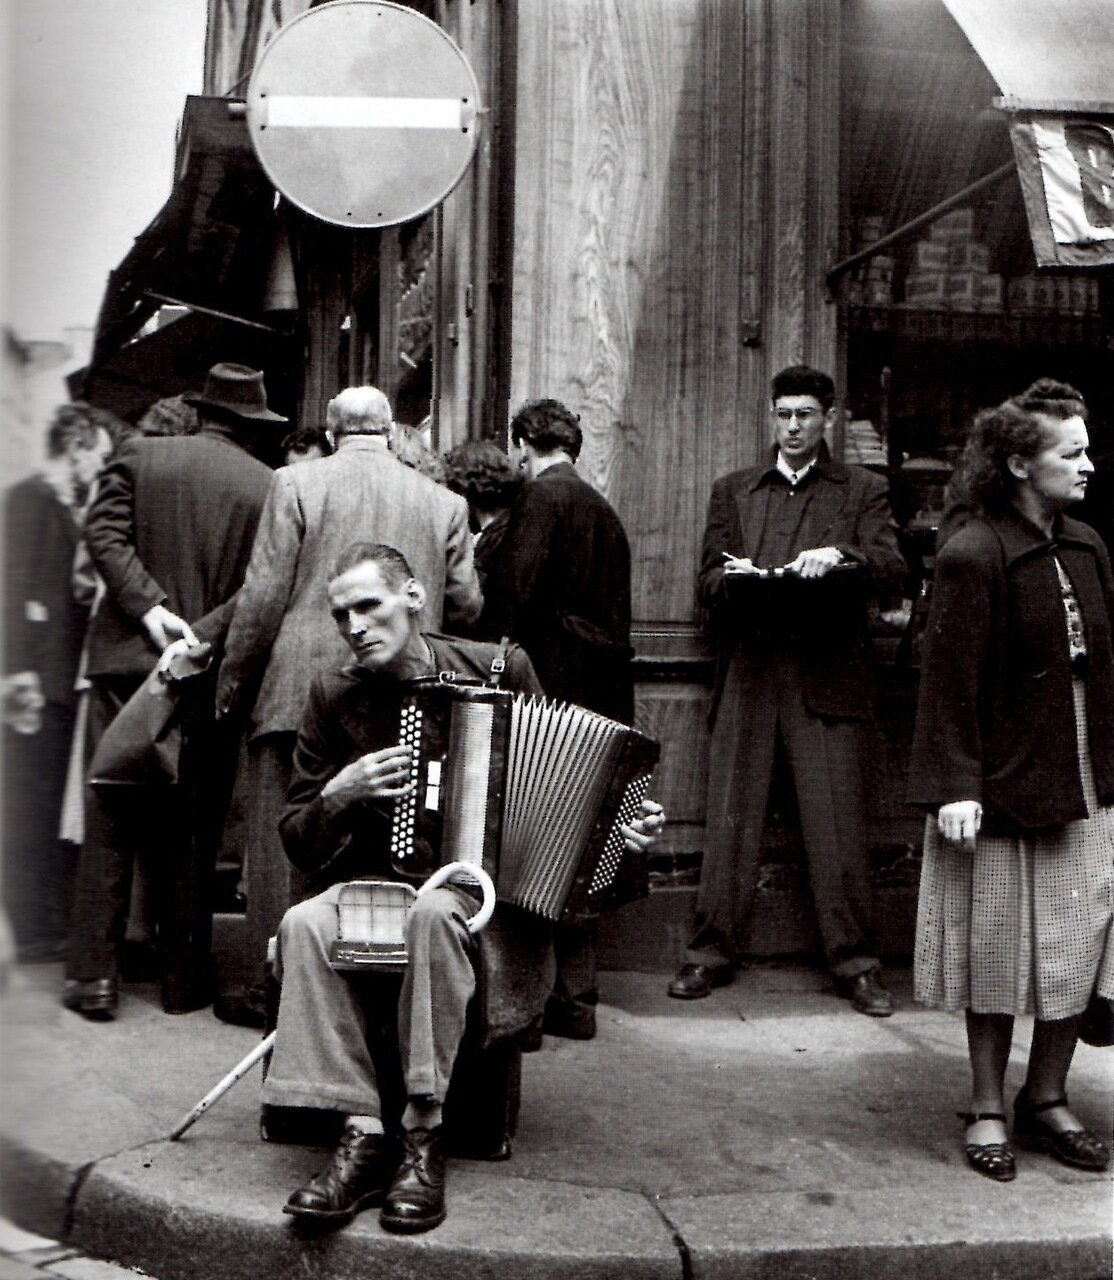 1951. Аккордеонист с улицы Муфтар